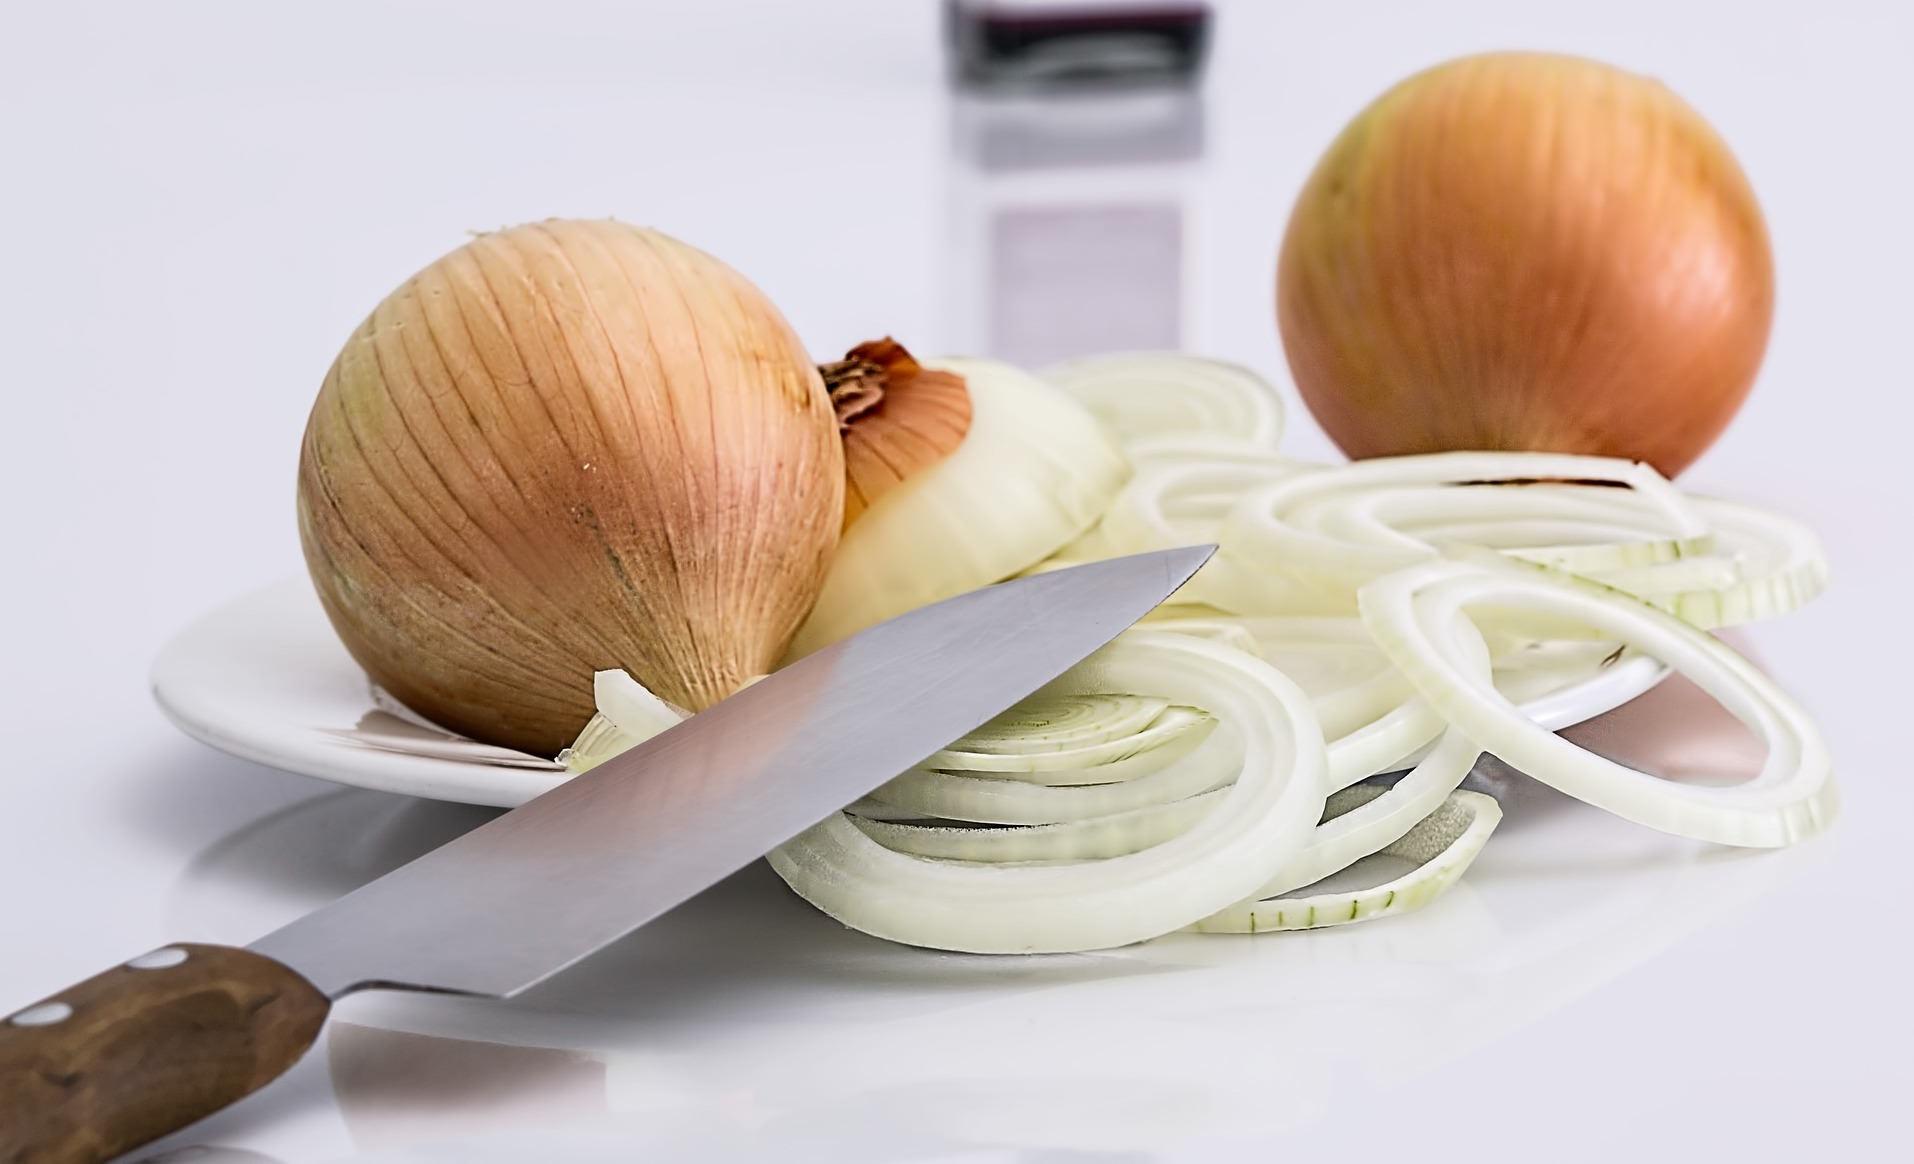 「洋蔥的嗆辣感怎麼消除?」只要學會這一招,10 分鐘就能消除!